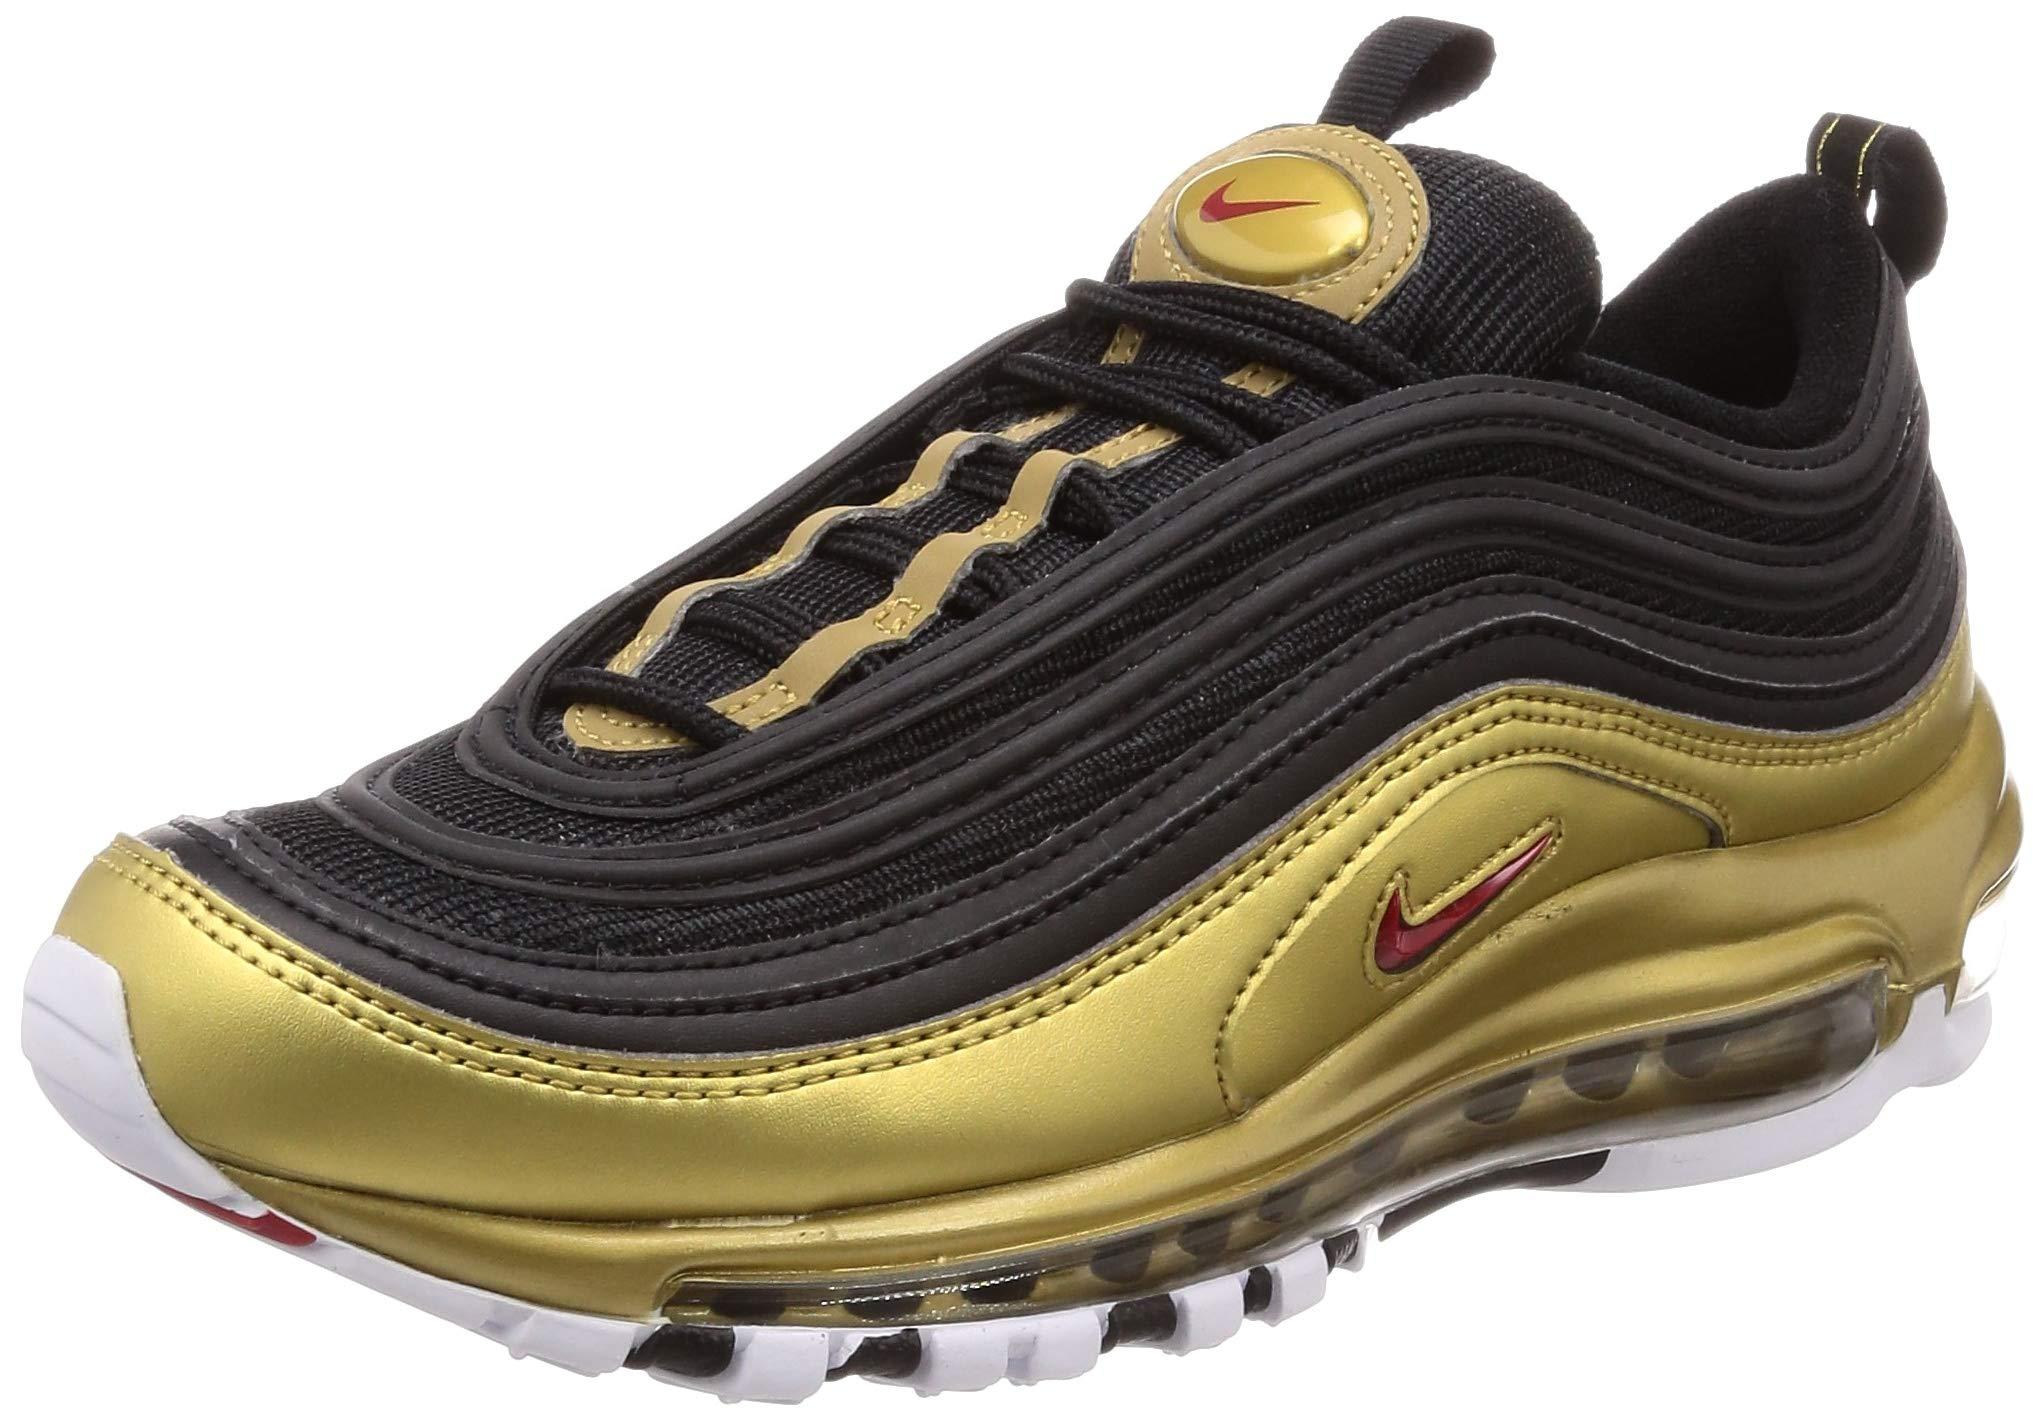 Nike Air Max 97 Qs Mens At5458 002 Size 11